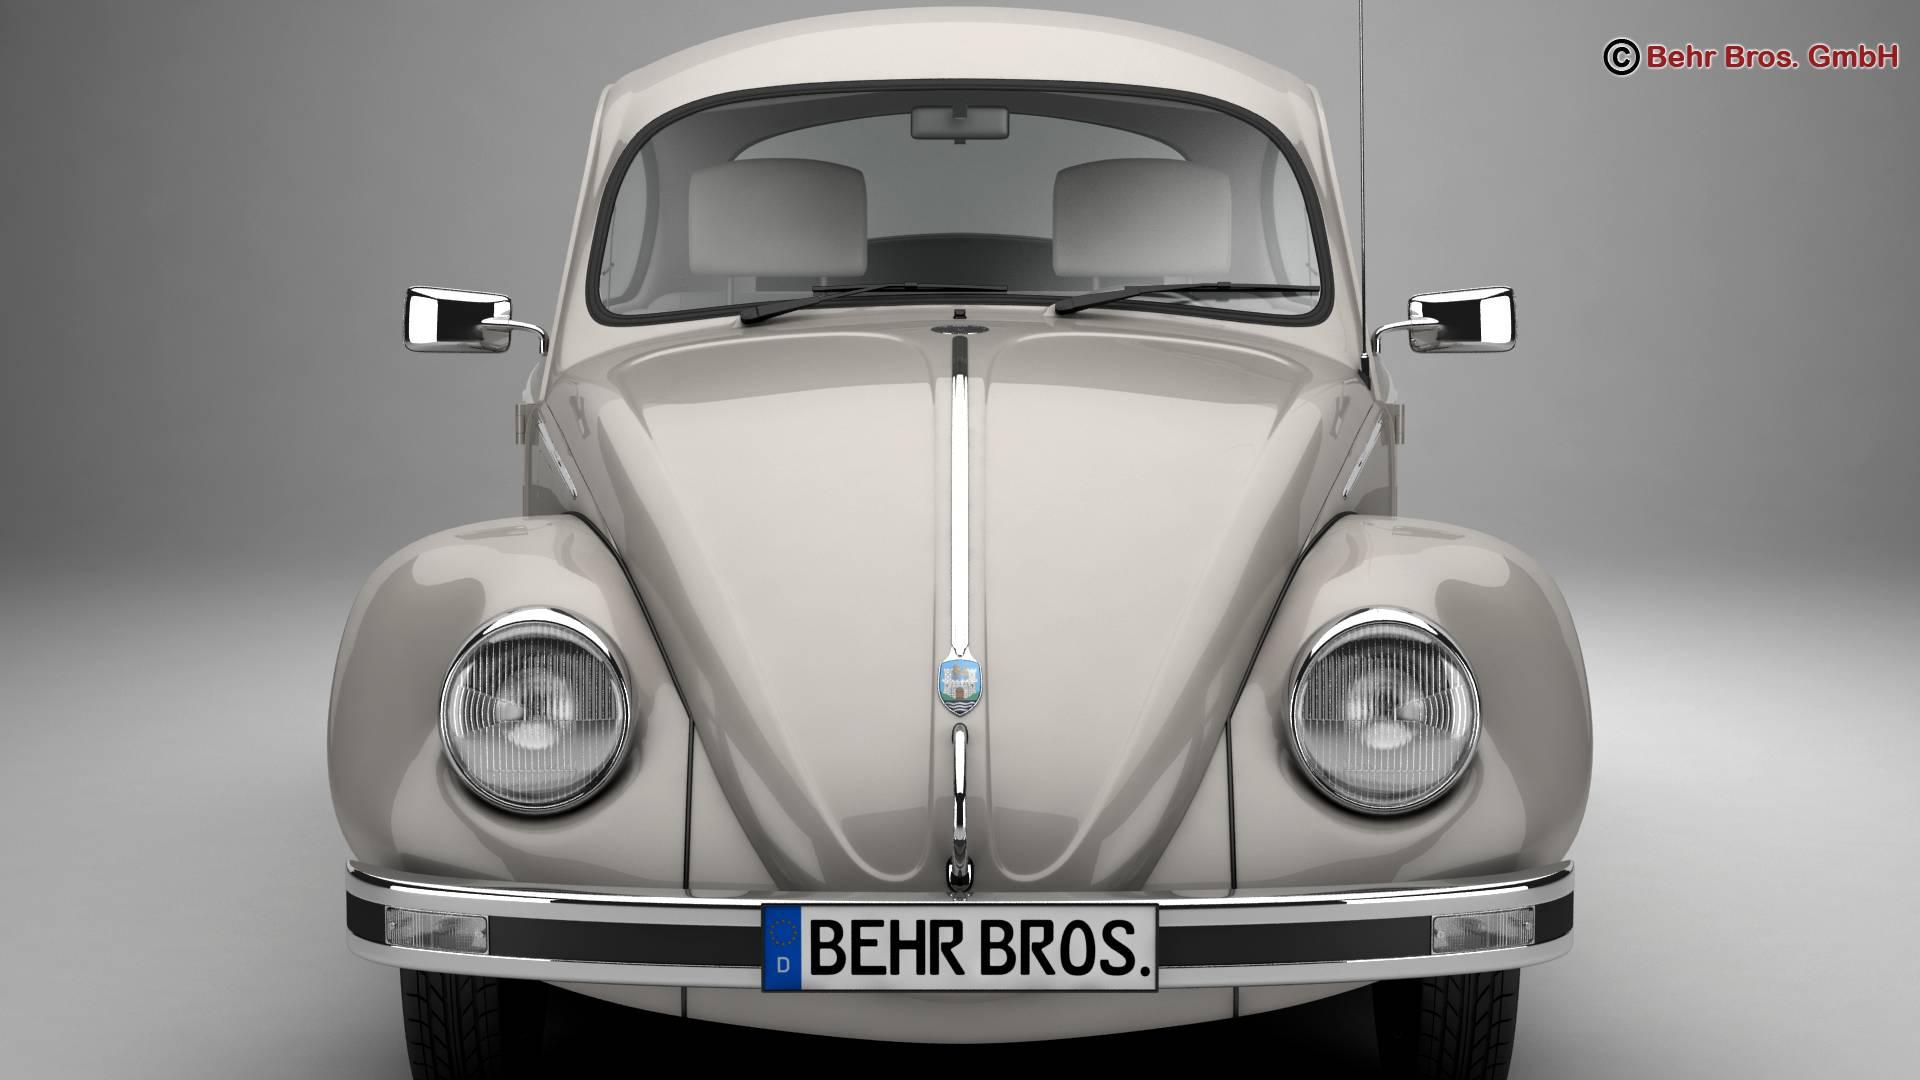 volkswagen beetle 2003 ultima edicion 3d model 3ds max fbx c4d lwo ma mb obj 220883